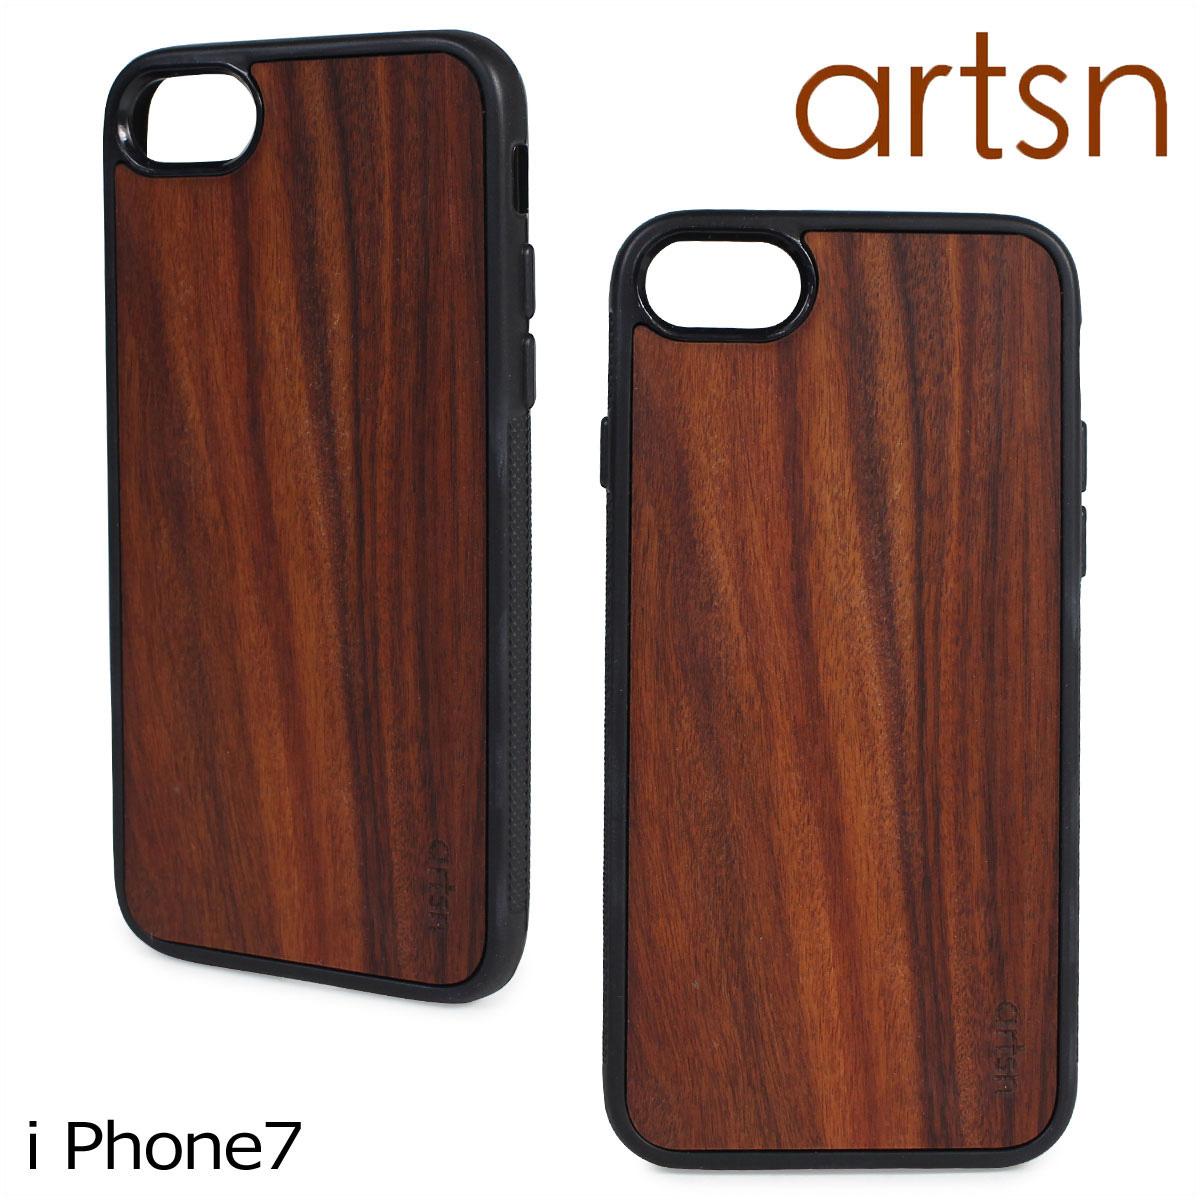 ARTSN アーツン iPhone 7 ケース スマホ 携帯 アイフォン 木目 ウッド メンズ レディース